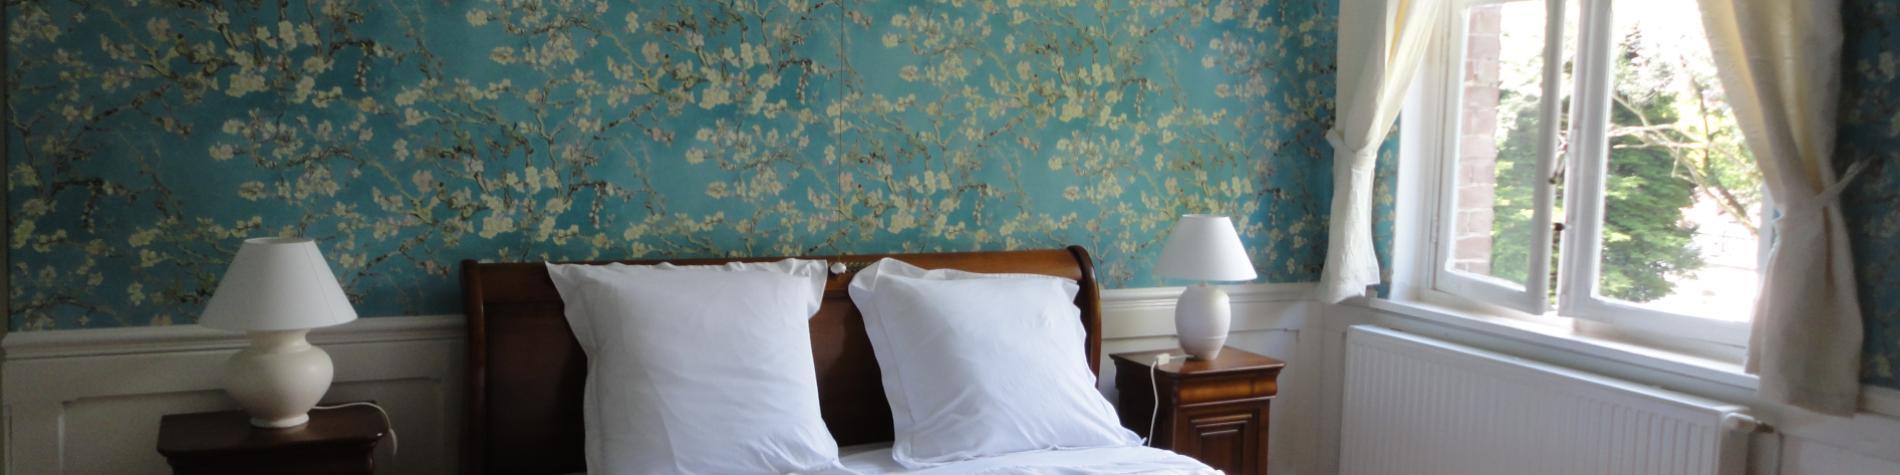 Chambre d'hôtes - style art nouveau - Tournai -